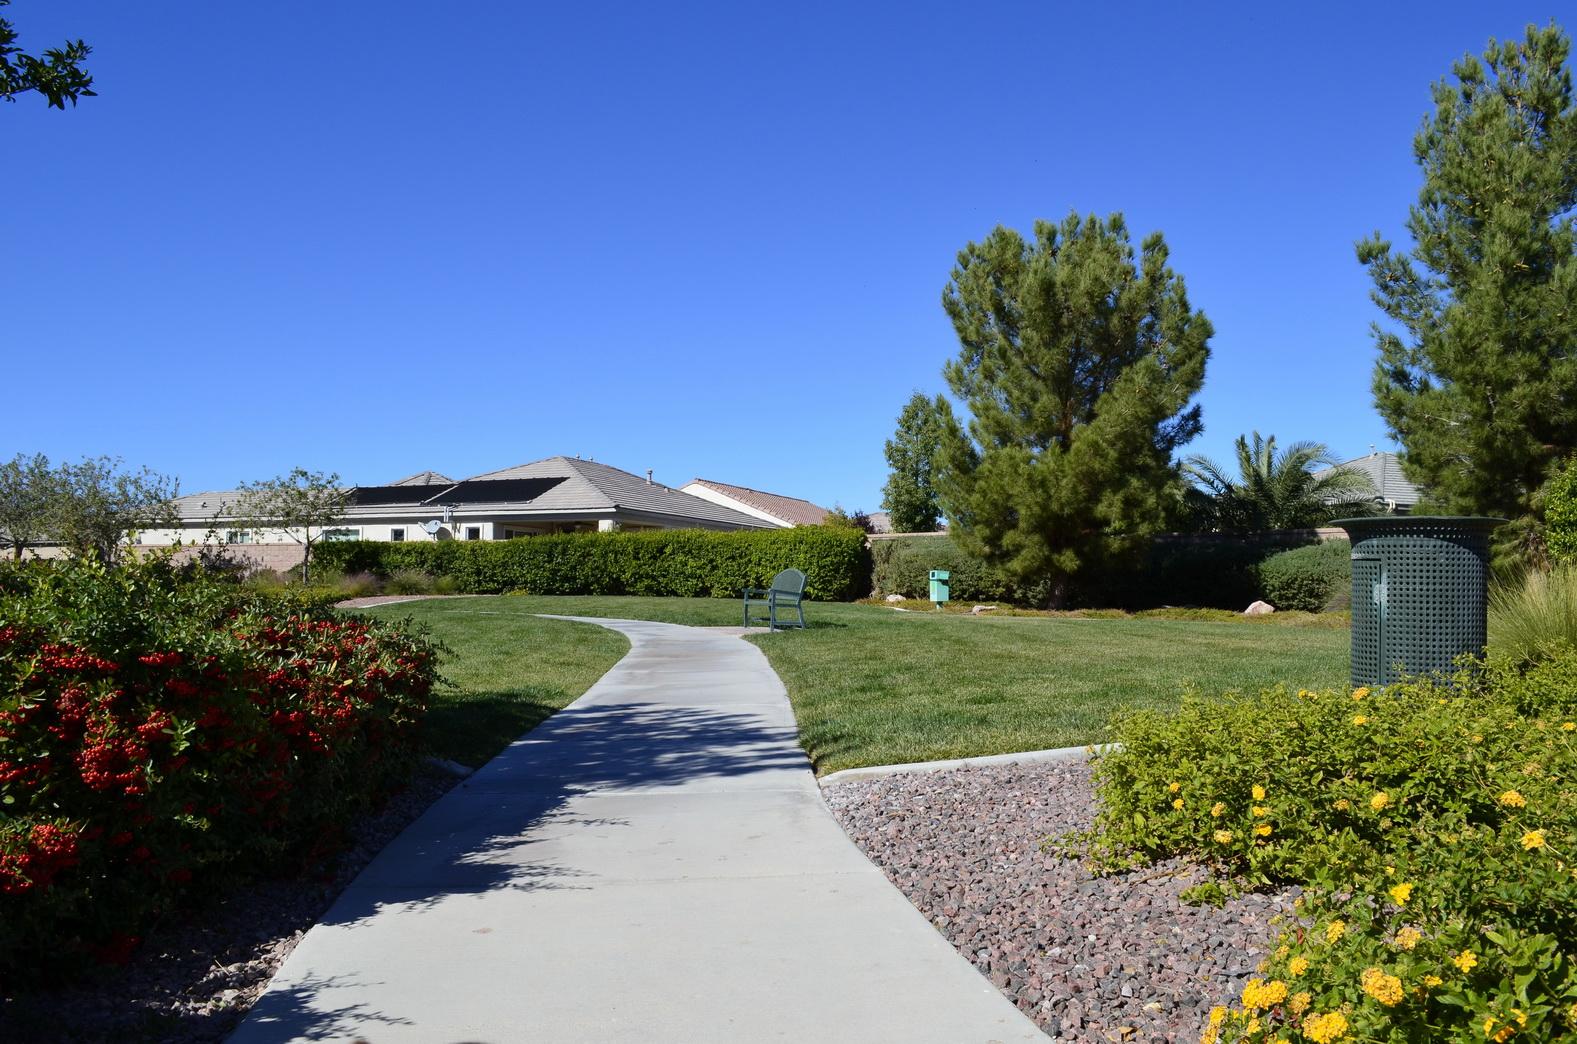 Nevada von seiner grünen Seite Foto: Katja Williams